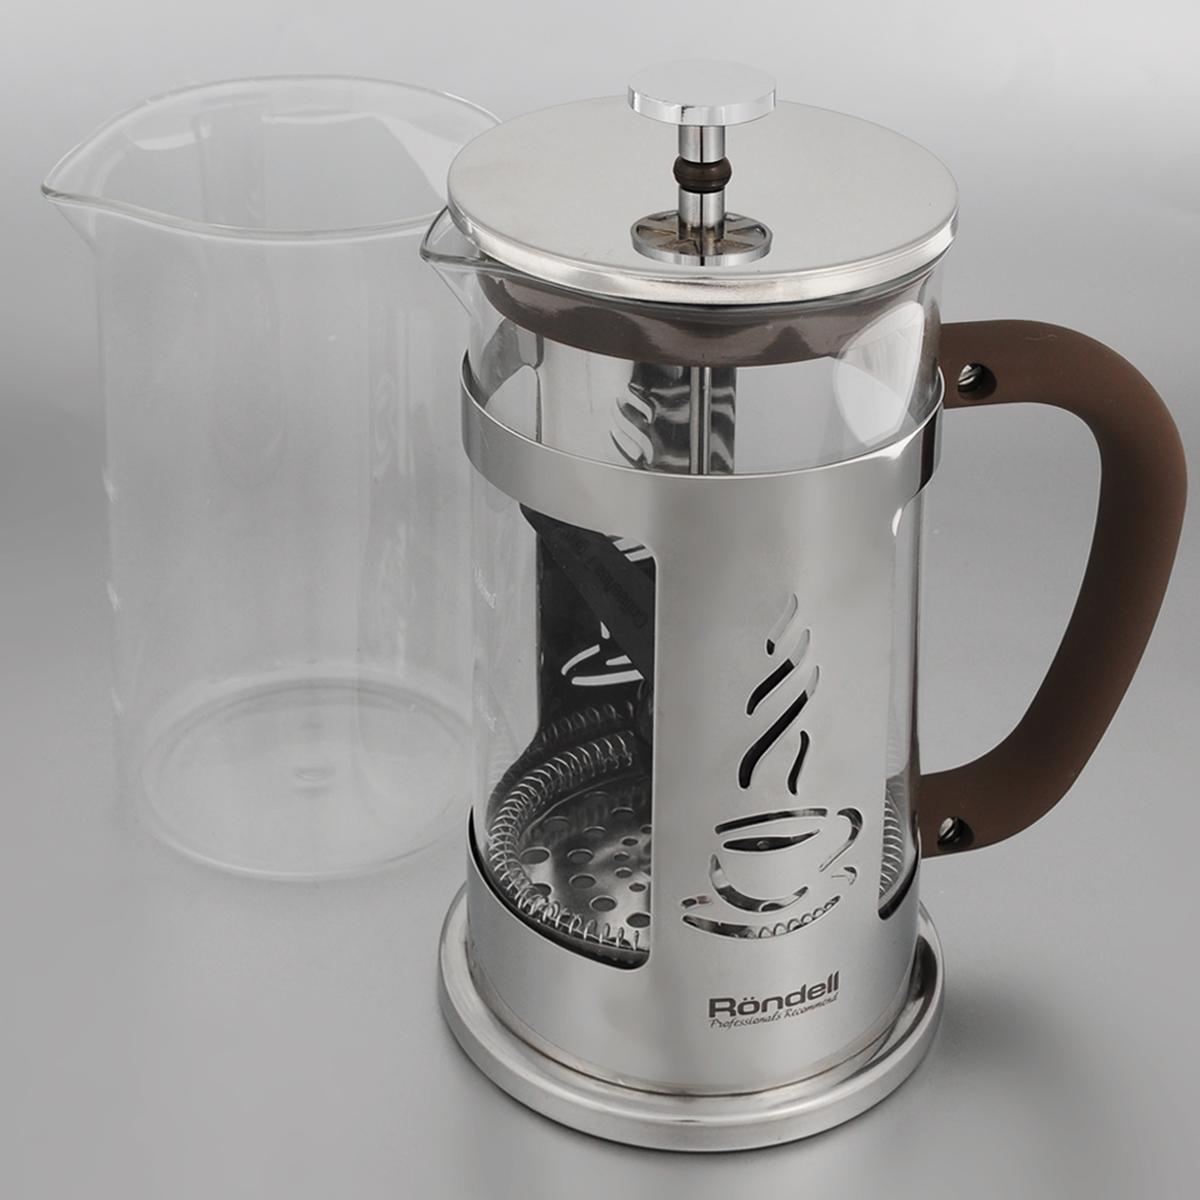 Френч-пресс Rondell Mocco&Latte, с мерной ложкой, со сменной колбой, 1 лRDS-491Френч-пресс Rondell Mocco&Latte изготовлен из высококачественной нержавеющей стали, жаропрочного стекла и пластика. Жаропрочное стекло может выдерживать температуру до 180°С. Засыпая чайную заварку или кофе под фильтр, заливая горячей водой, вы получаете ароматный напиток с оптимальной крепостью и насыщенностью. Остановить процесс заваривания легко, для этого нужно просто опустить поршень, и все уйдет вниз, оставляя вверху напиток, готовый к употреблению. Френч-пресс Rondell Mocco&Latte позволит быстро и просто приготовить свежий и ароматный кофе или чай. В комплект входит сменная колба и мерная ложка. Диаметр френч-пресса по верхнему краю (без учета крышки): 10 см. Высота френч-пресса: 24 см. Длина ложки: 10 см. Диаметр рабочей поверхности ложки: 4,5 см.